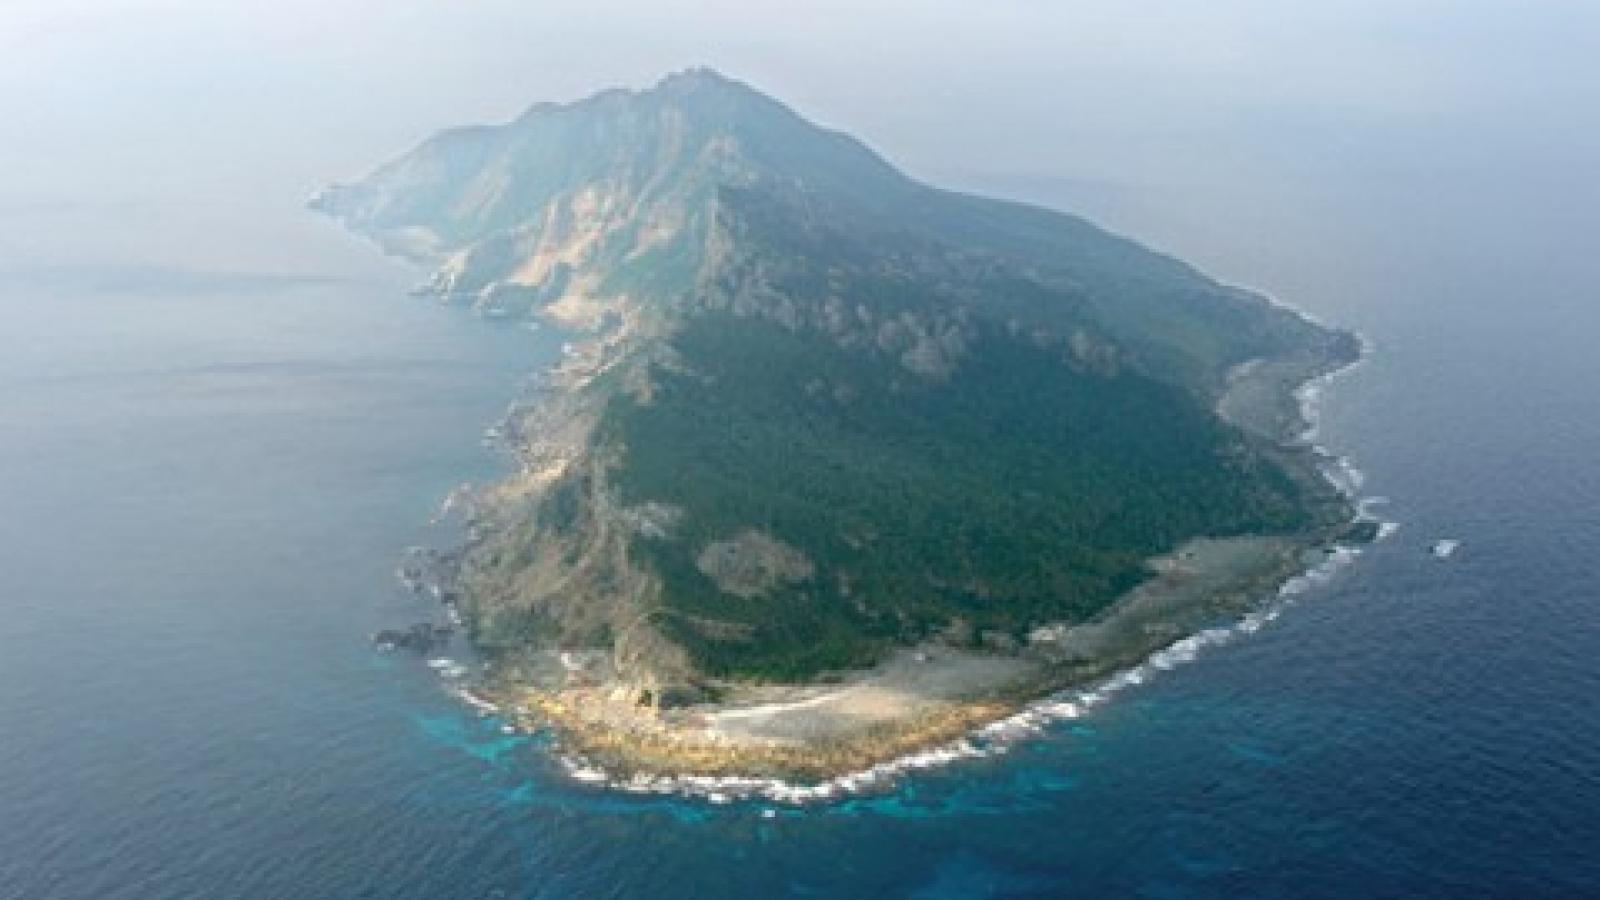 Mỹ ủng hộ Nhật Bản về vấn đề quần đảo tranh chấp với Trung Quốc